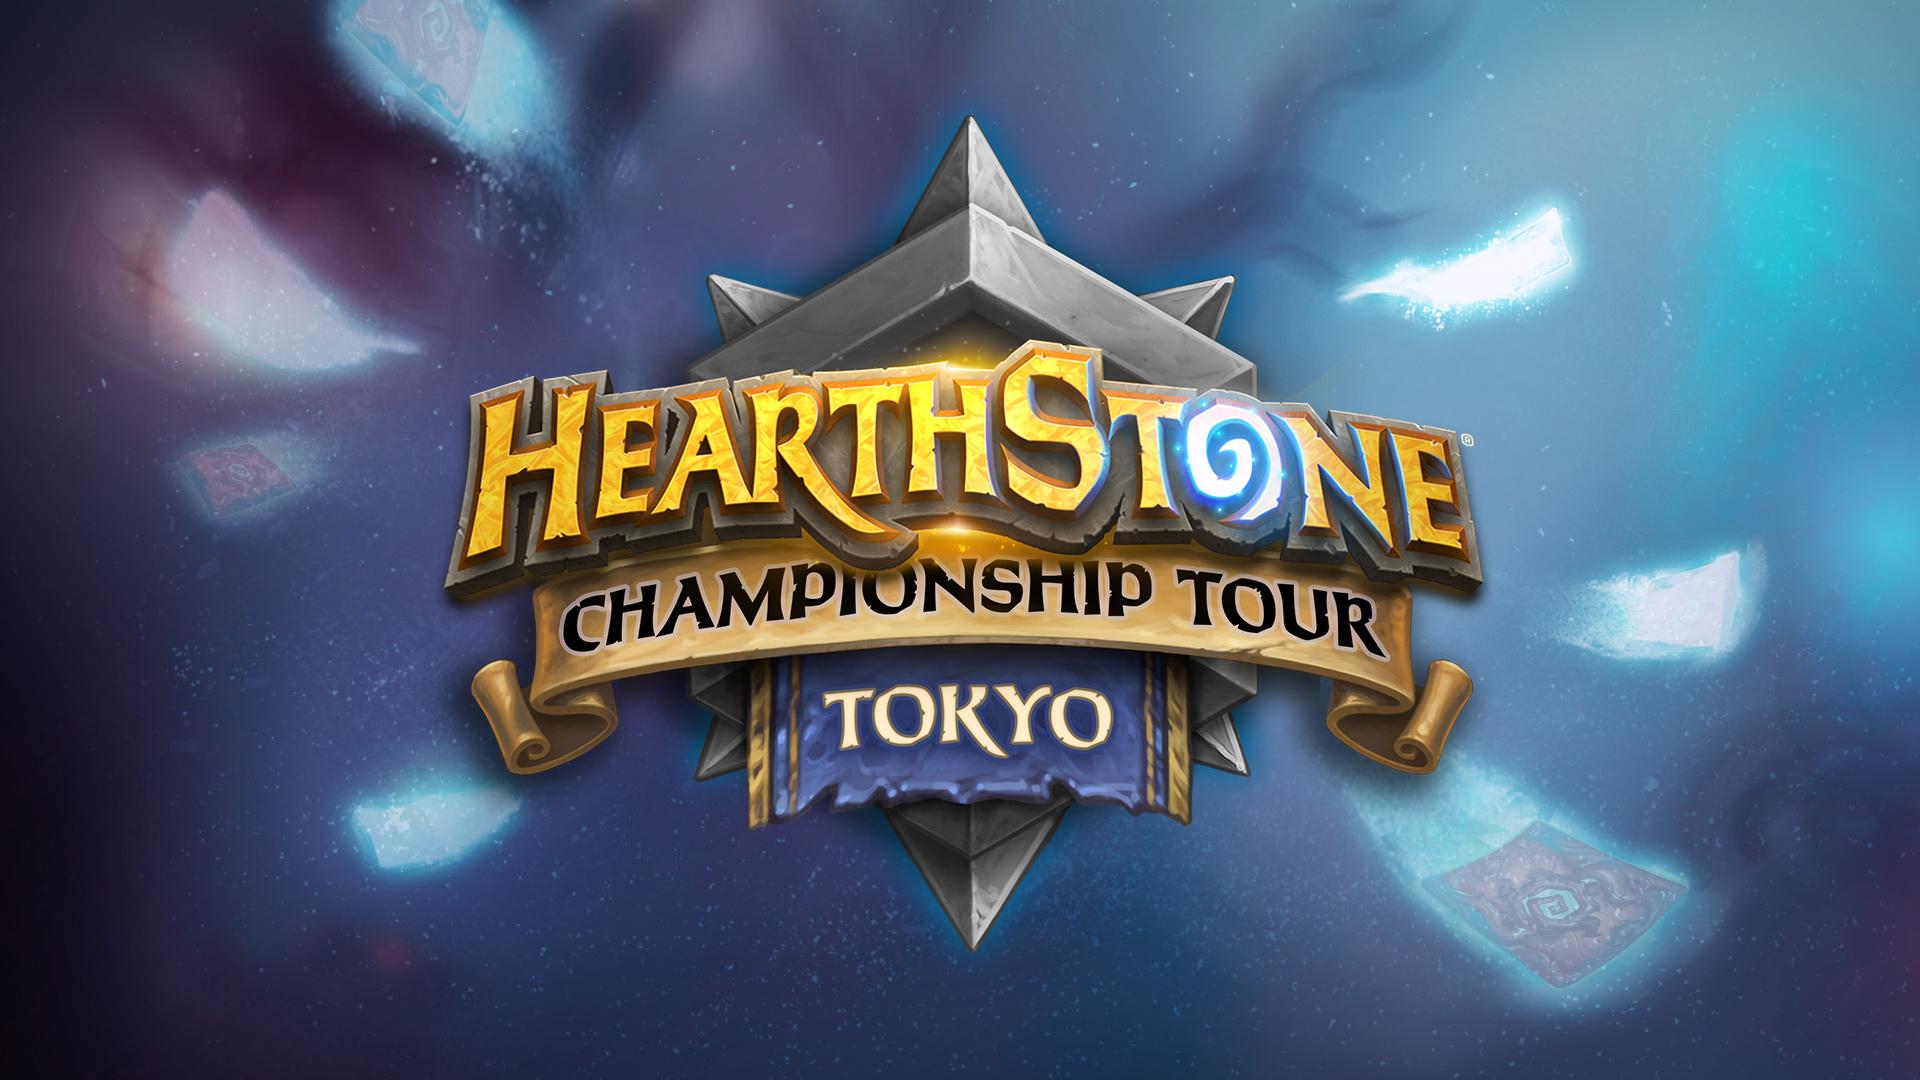 米国Blizzard Entertainmentの人気タイトル『ハースストーン』世界選手権の東京大会を開催